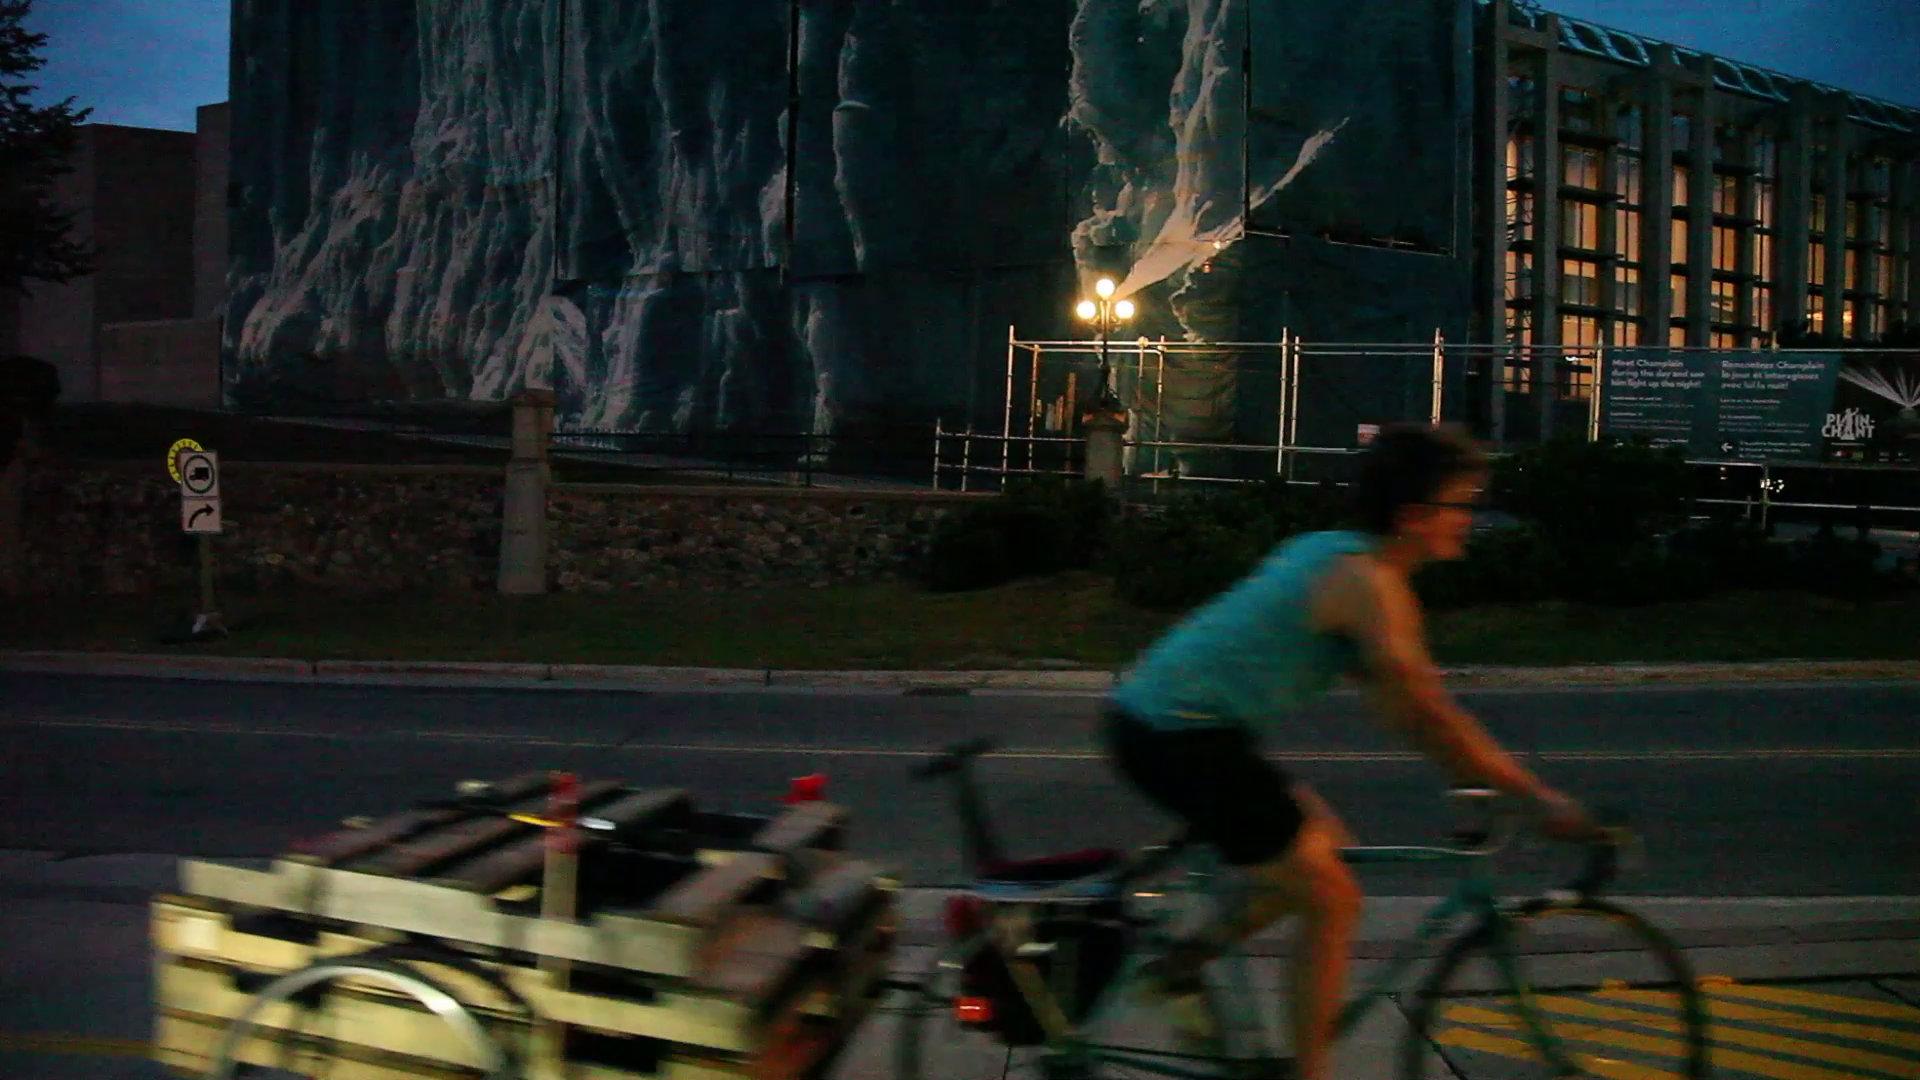 video still - pallet rush.jpg